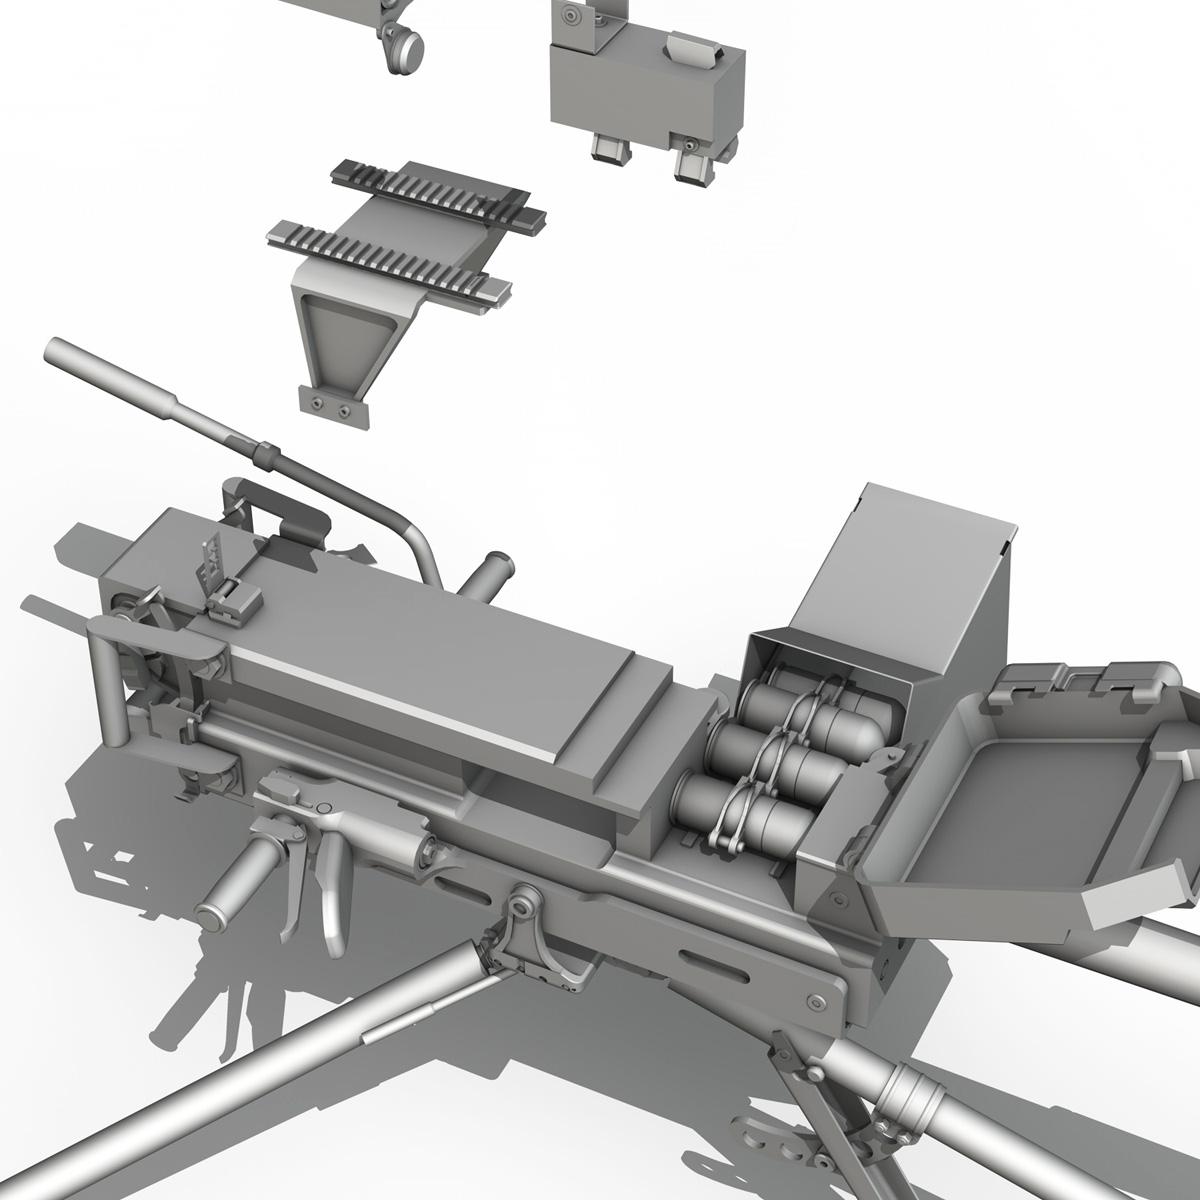 40mm Гранат машин буу gmg 3d загвар c4d lwo 3dm obj 264304